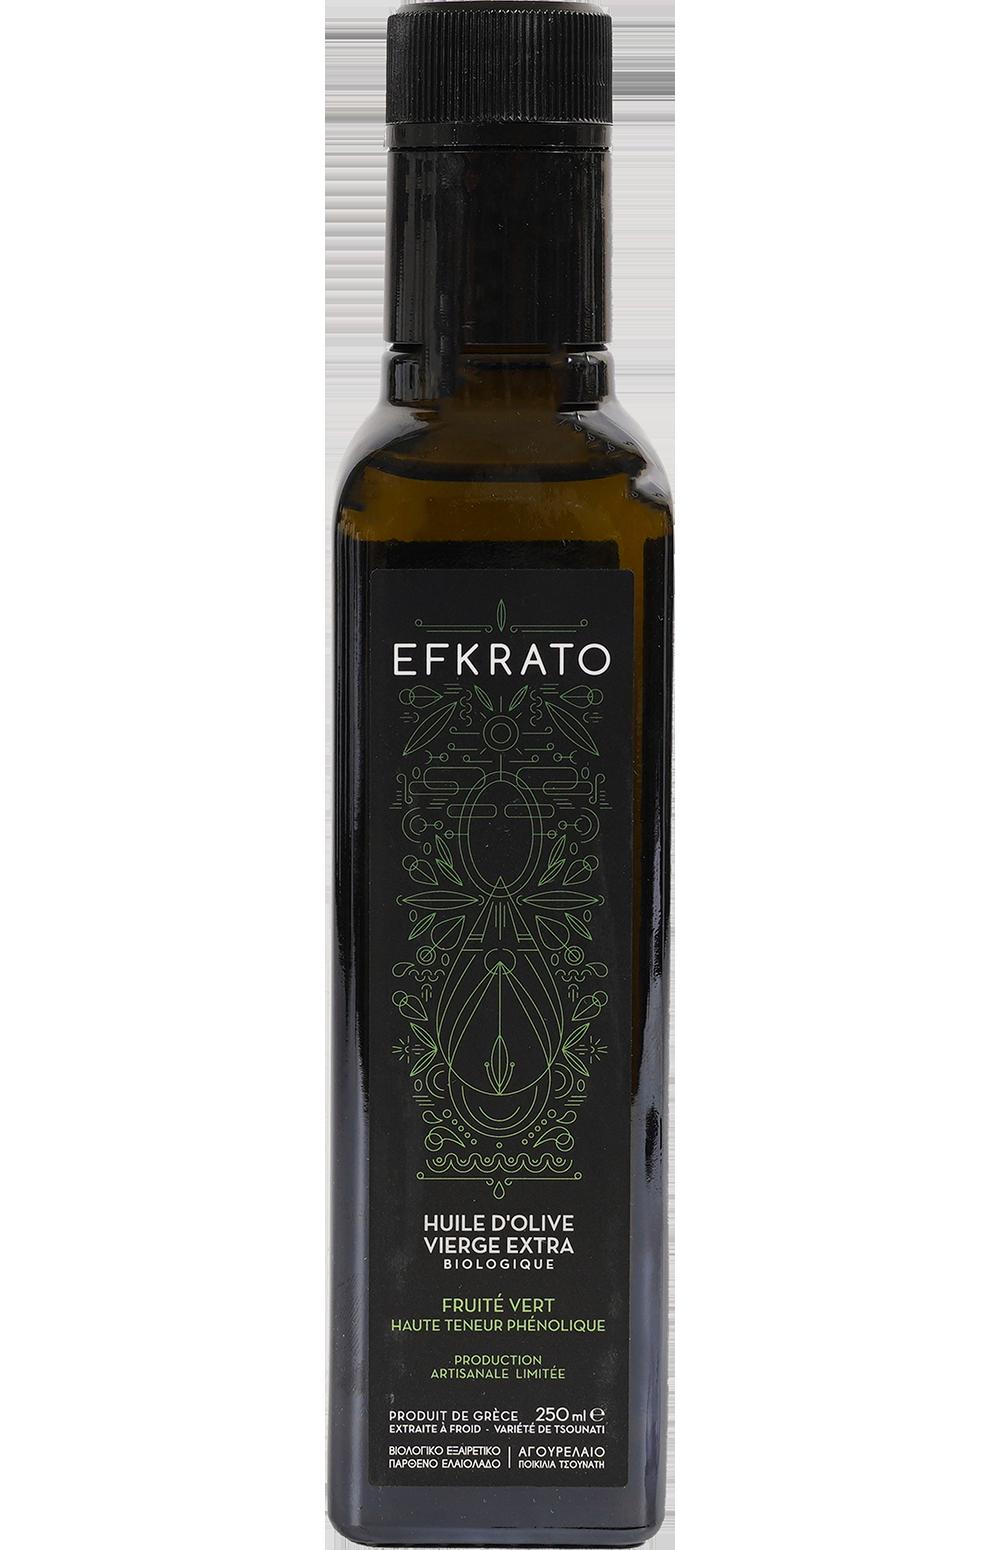 Efkrato